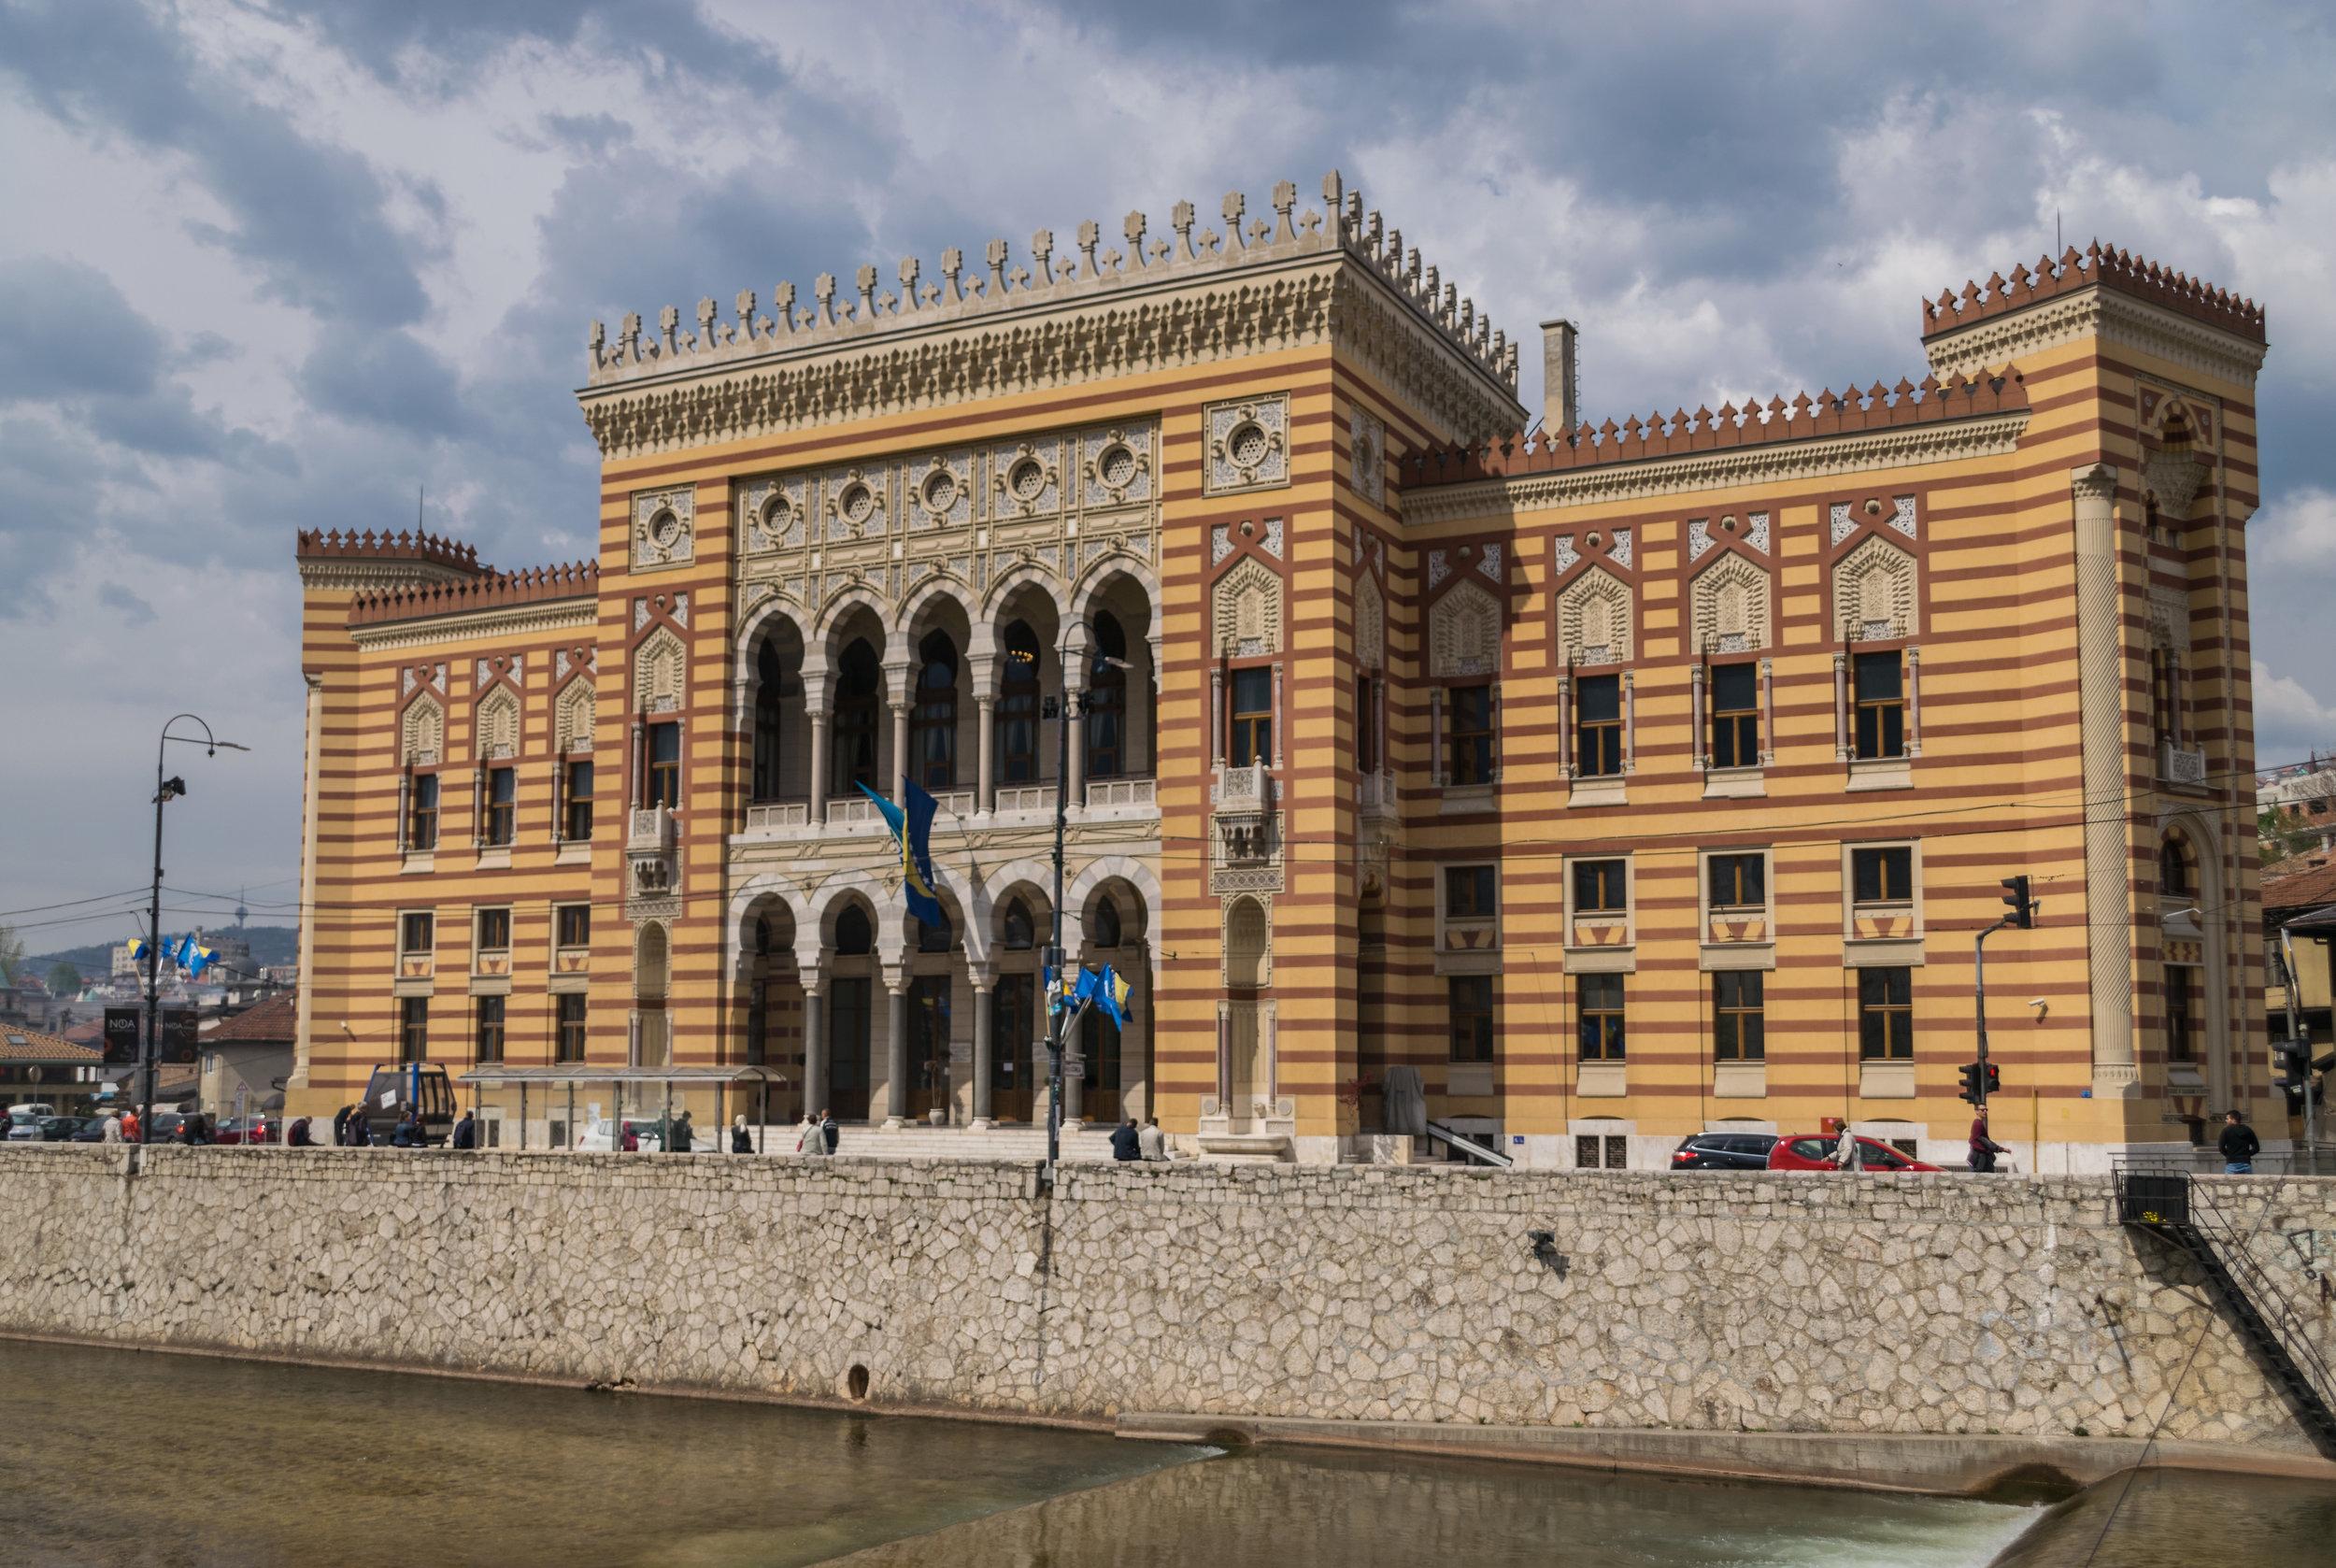 Sarajevo Vijećnica (City Hall)